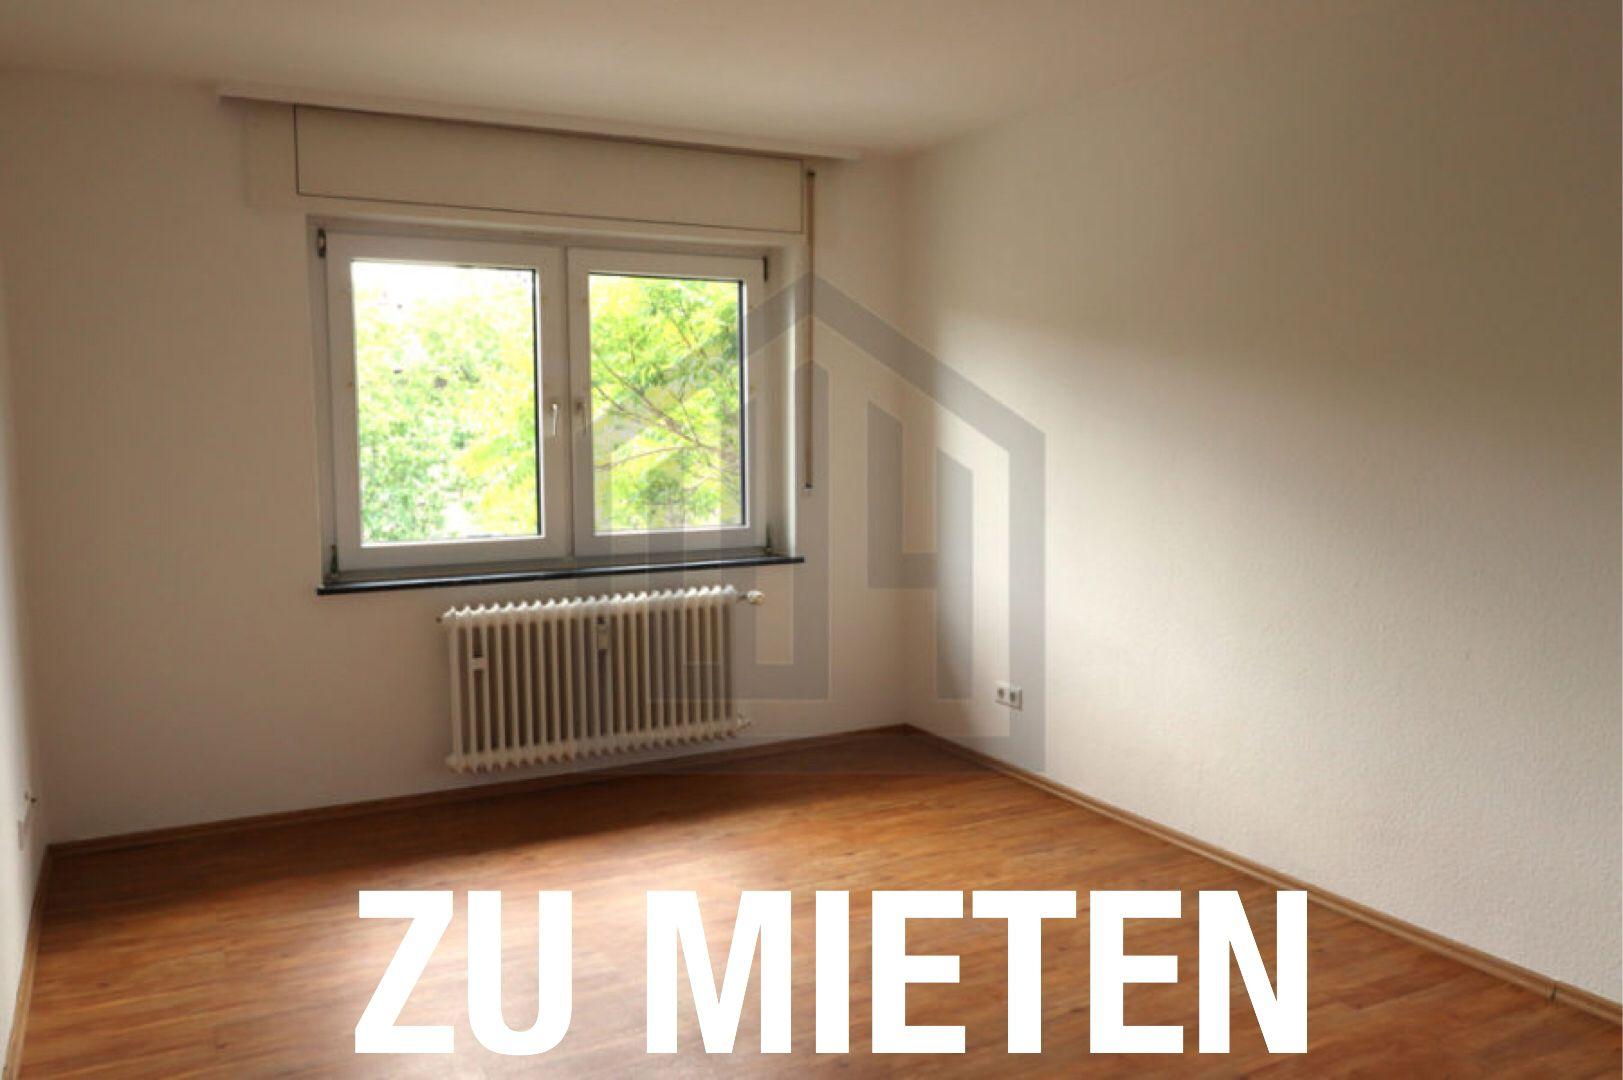 Zu Mieten In 2020 Immobilien Wohnung Etagenwohnung 1 Zimmer Wohnung